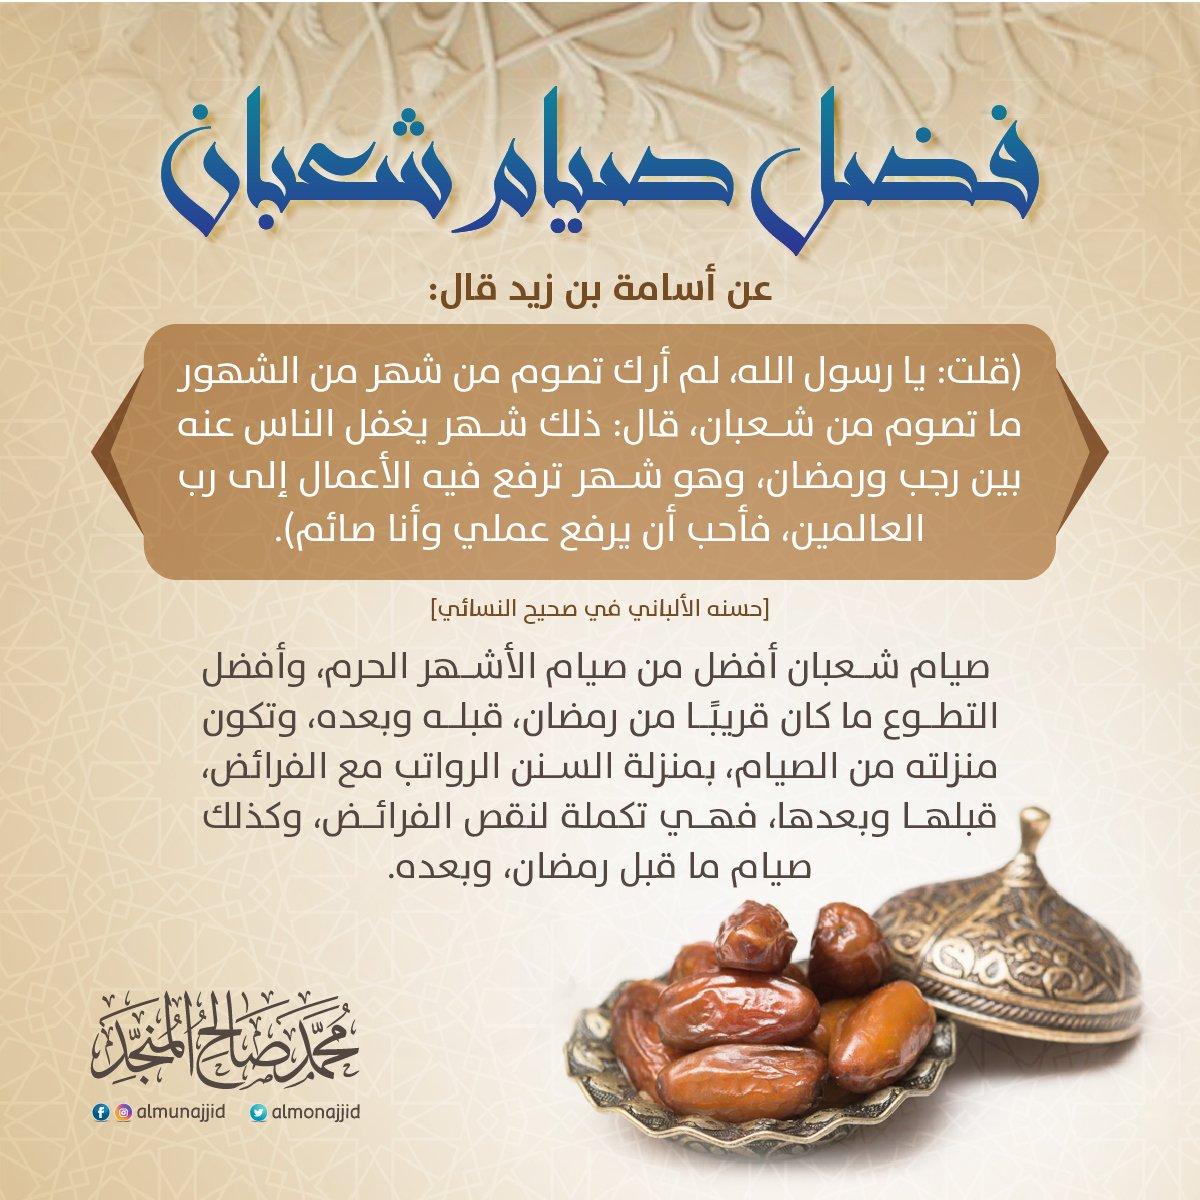 محمد صالح المنجد En Twitter فضل صيام شعبان بادر واستعد لرمضان رمضان